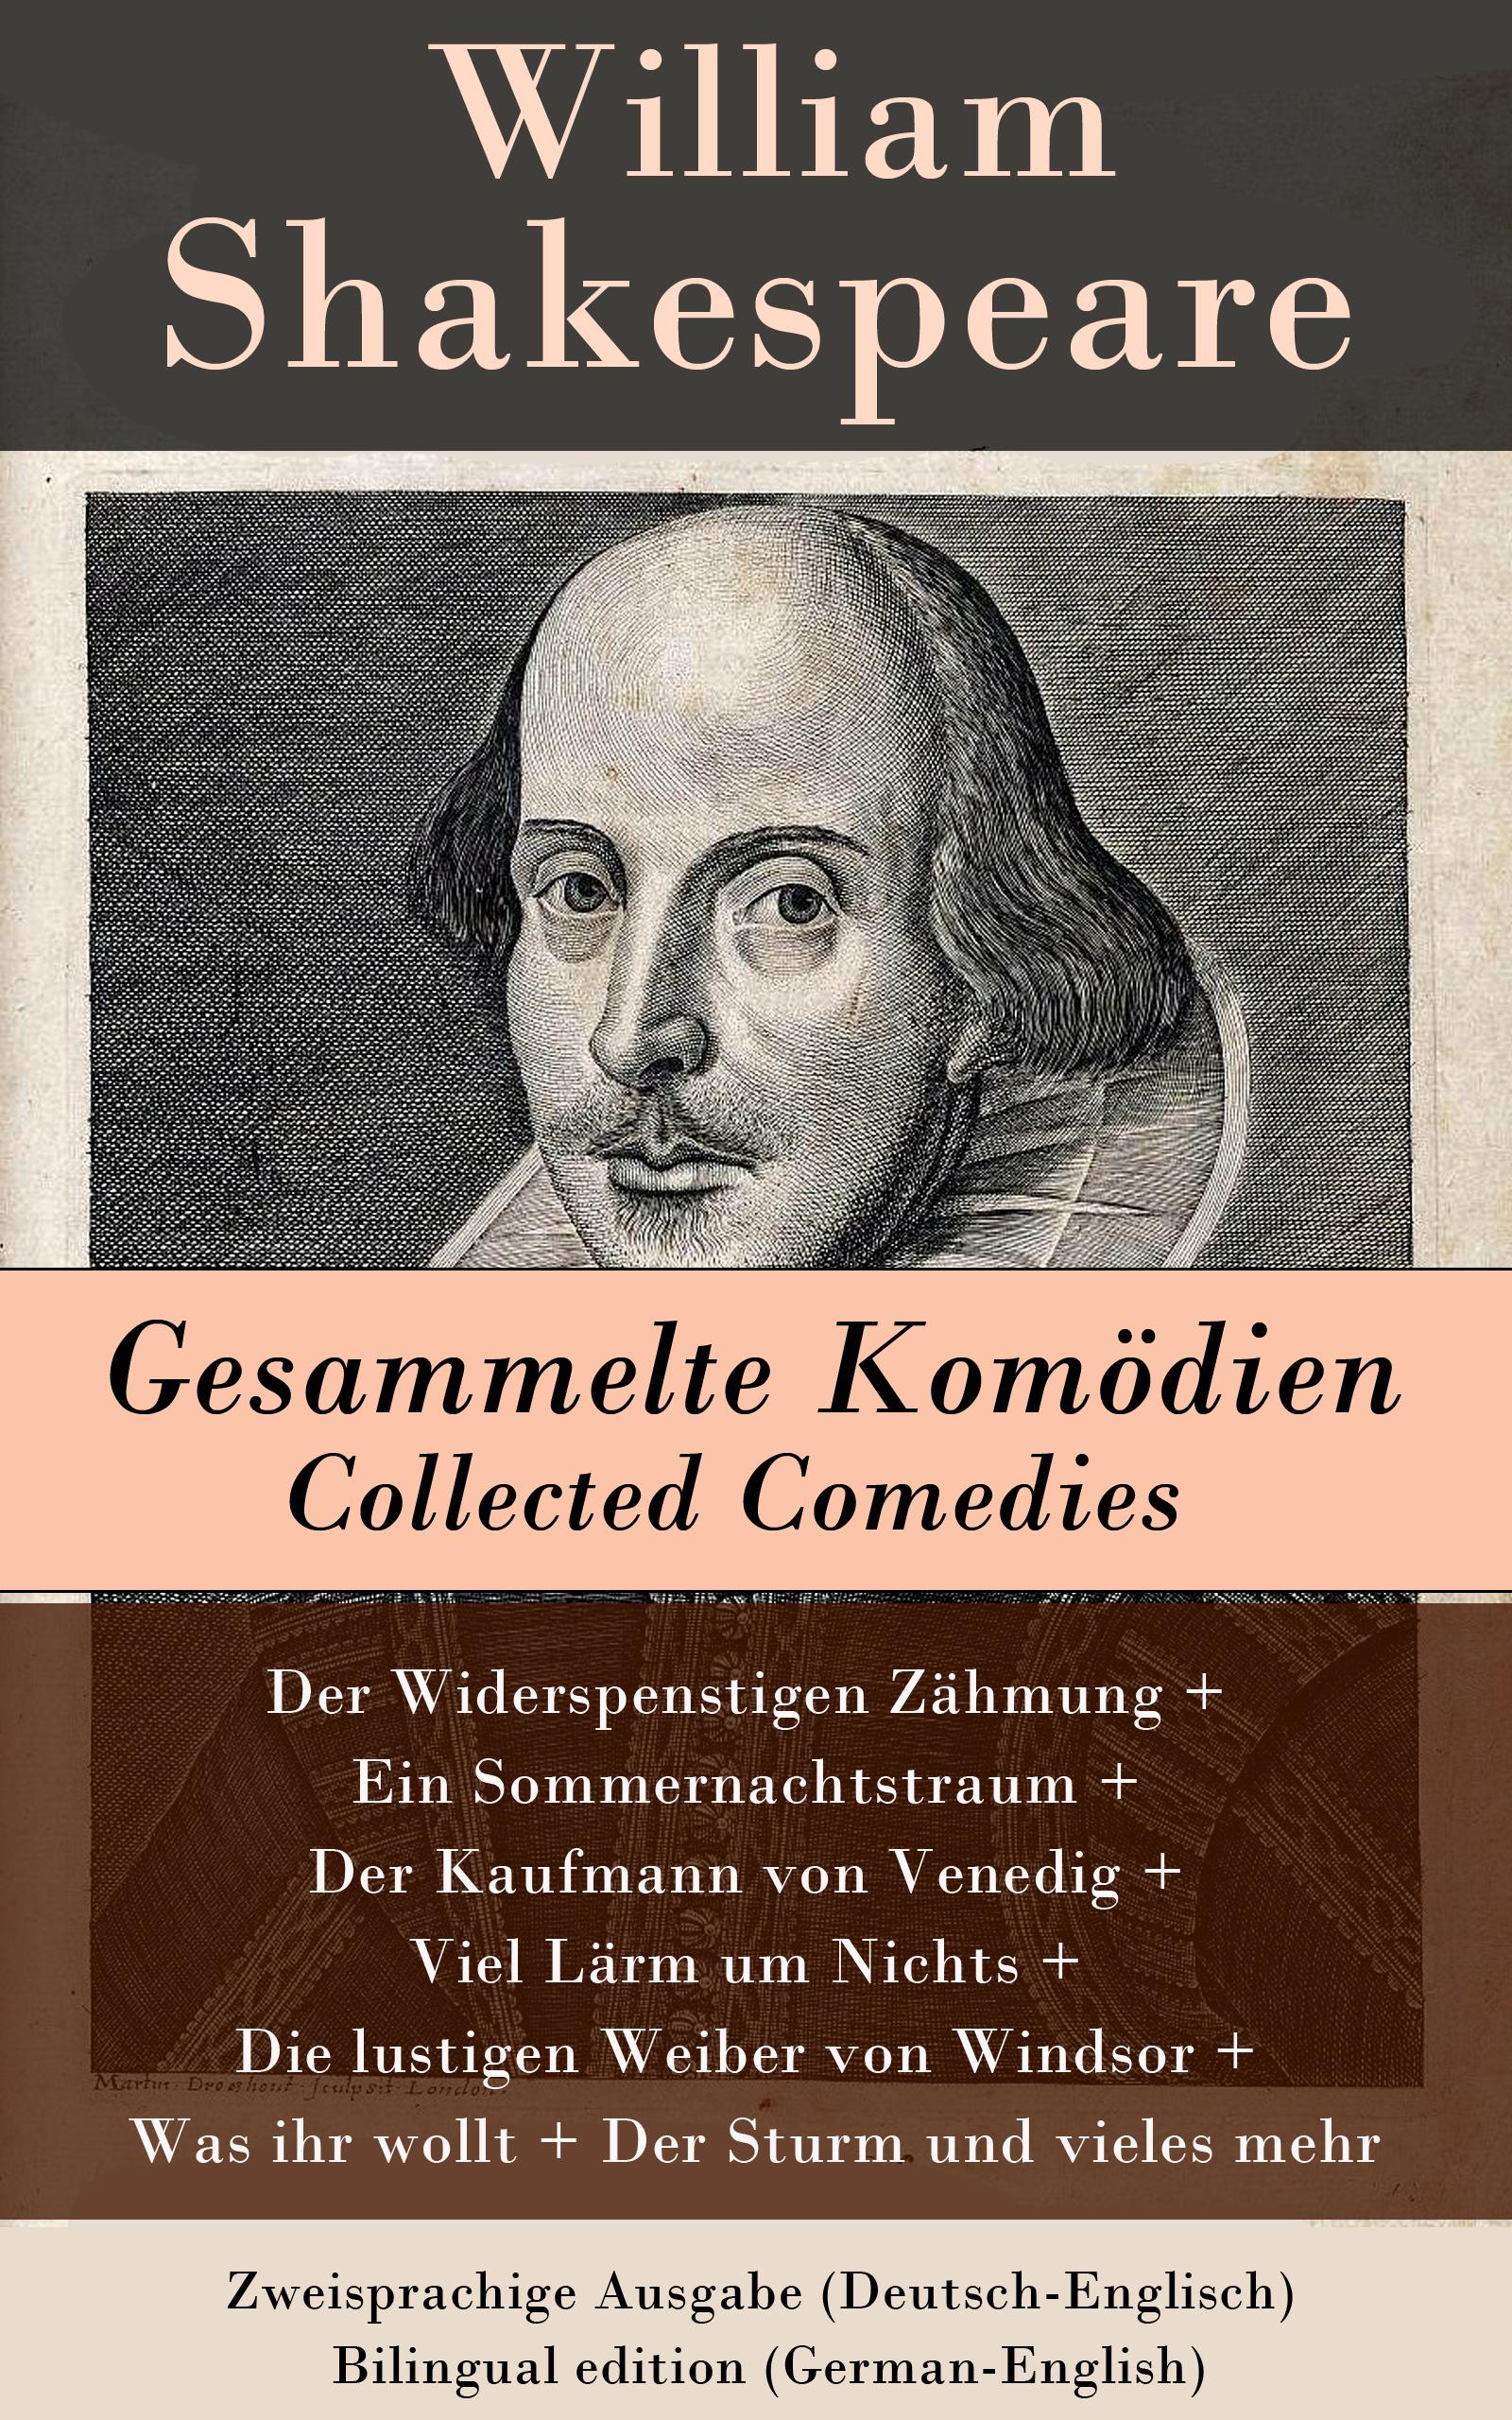 gesammelte komodien collected comedies zweisprachige ausgabe deutsch englisch bilingual edition german english